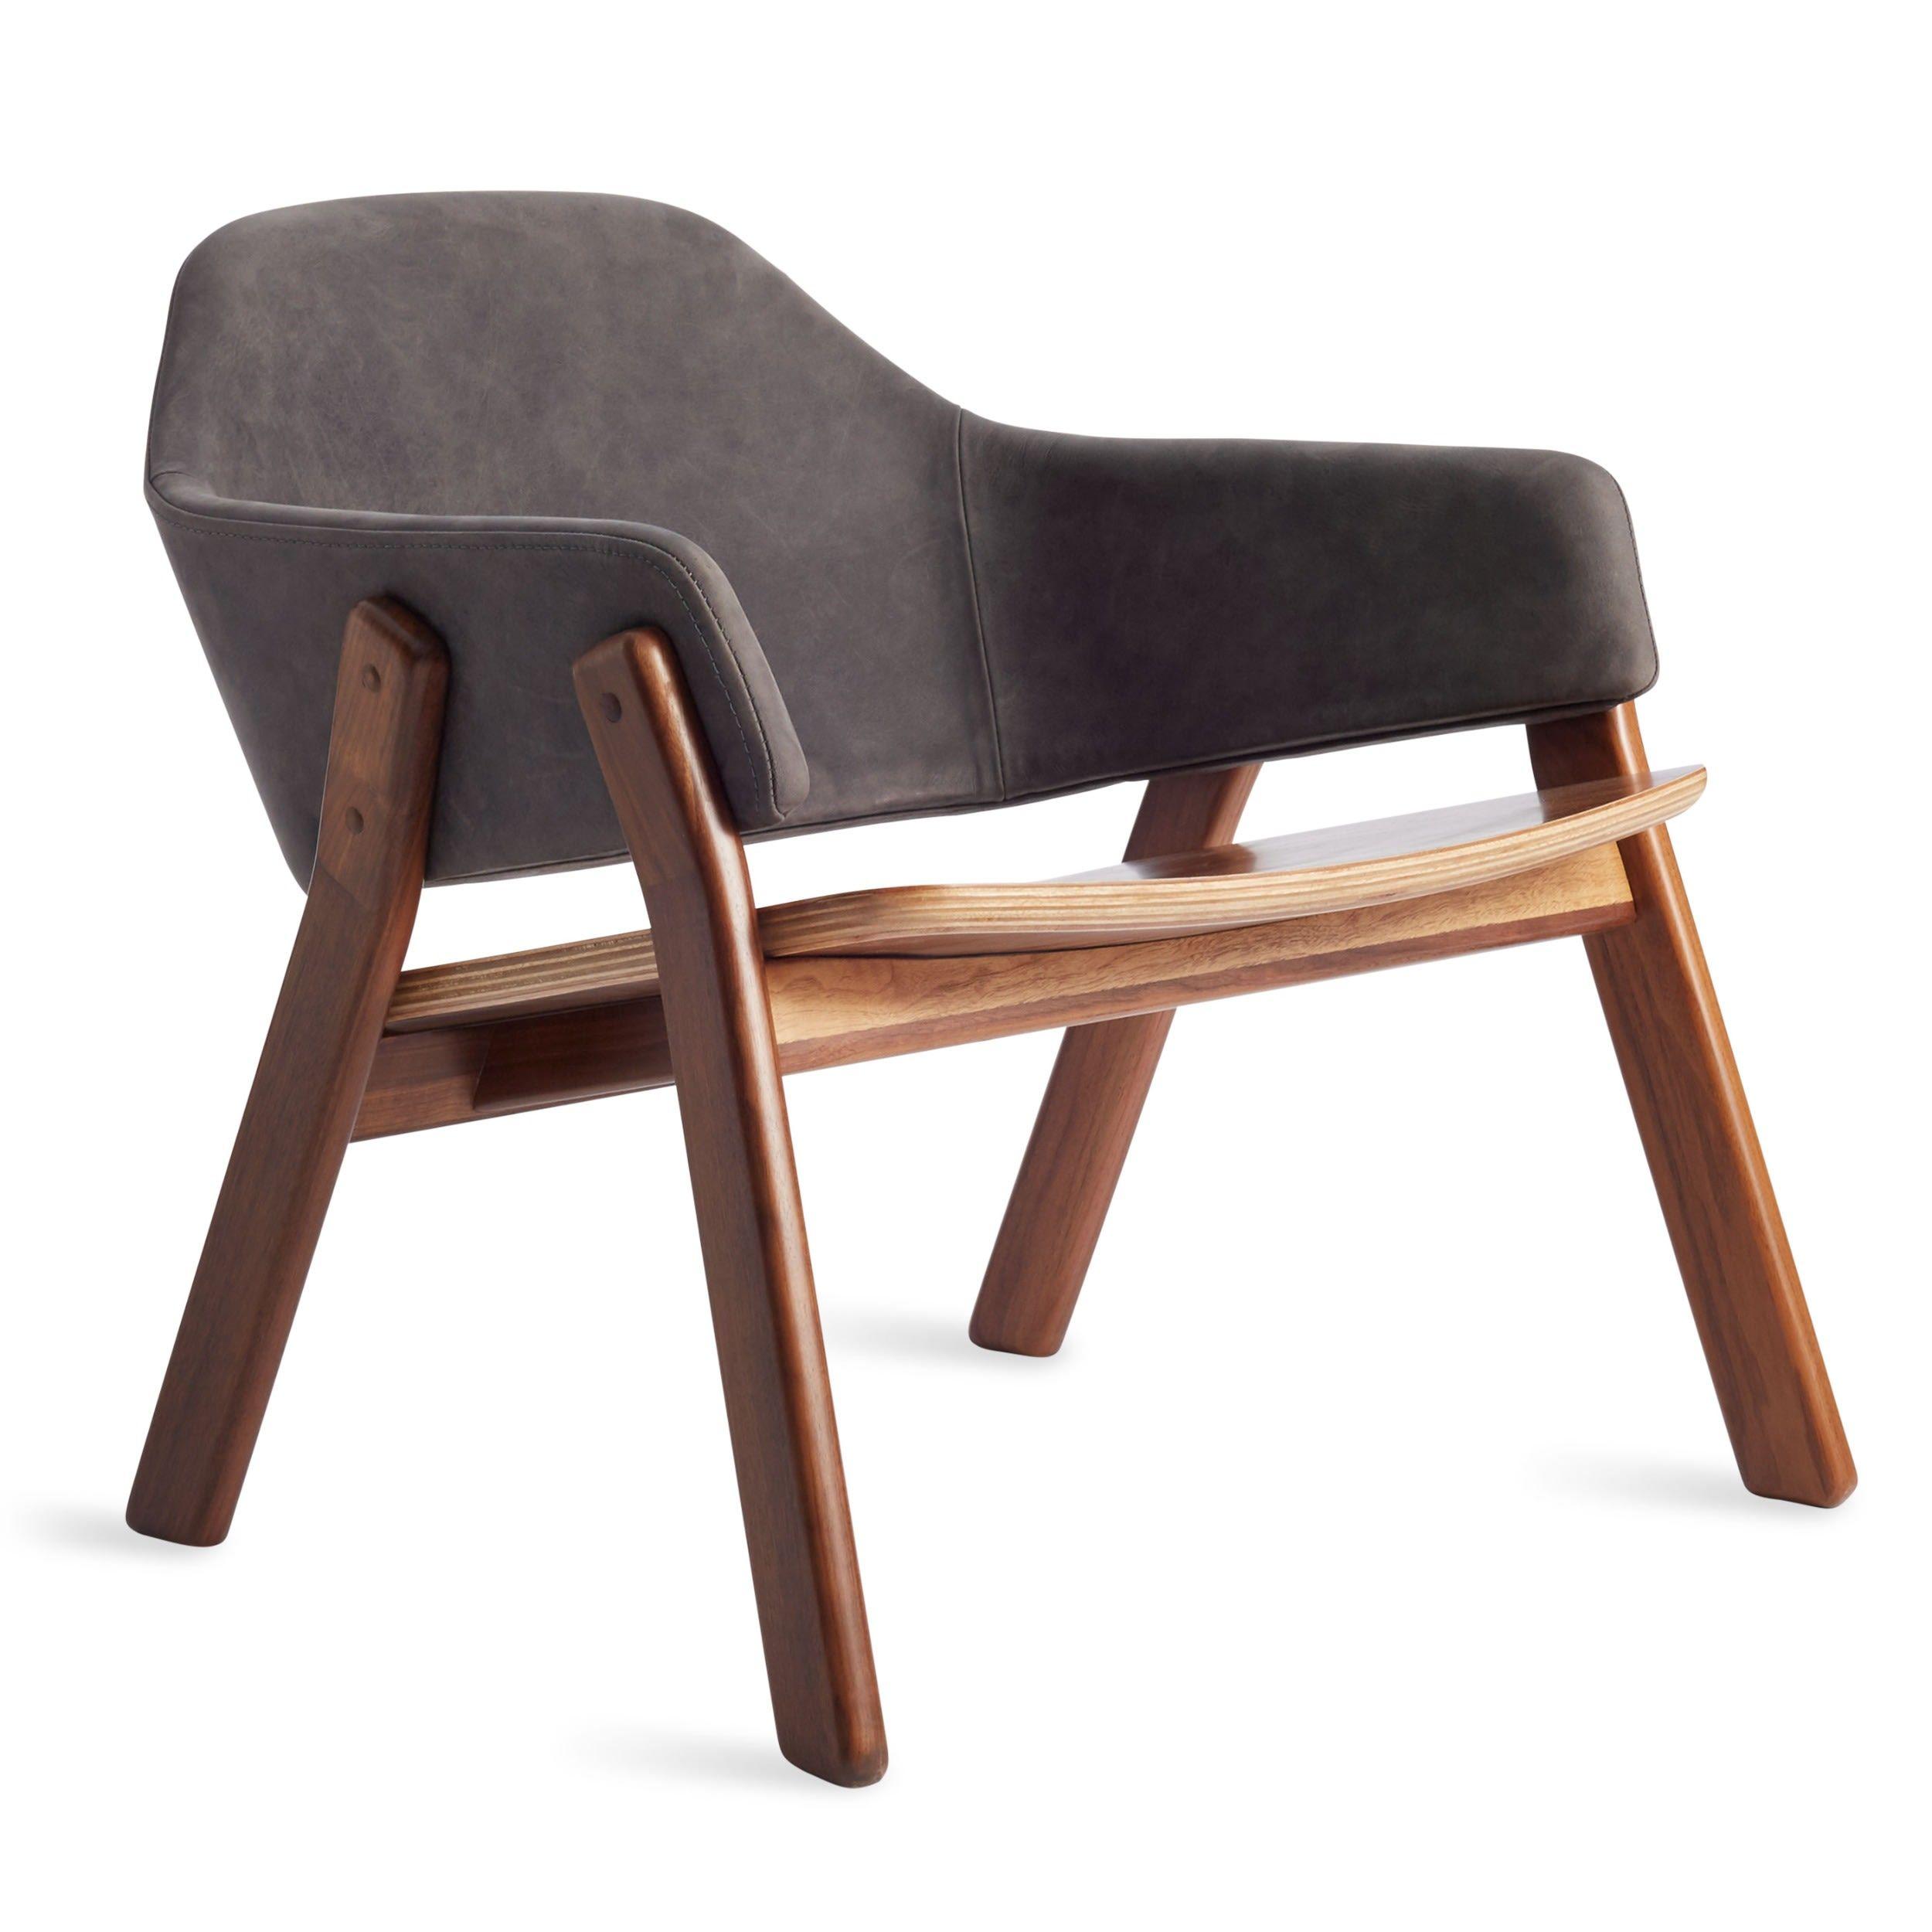 Clutch Leather Lounge Chair Sillas De Comedor Retro Diseno De Muebles Sillas De Sala De Estar